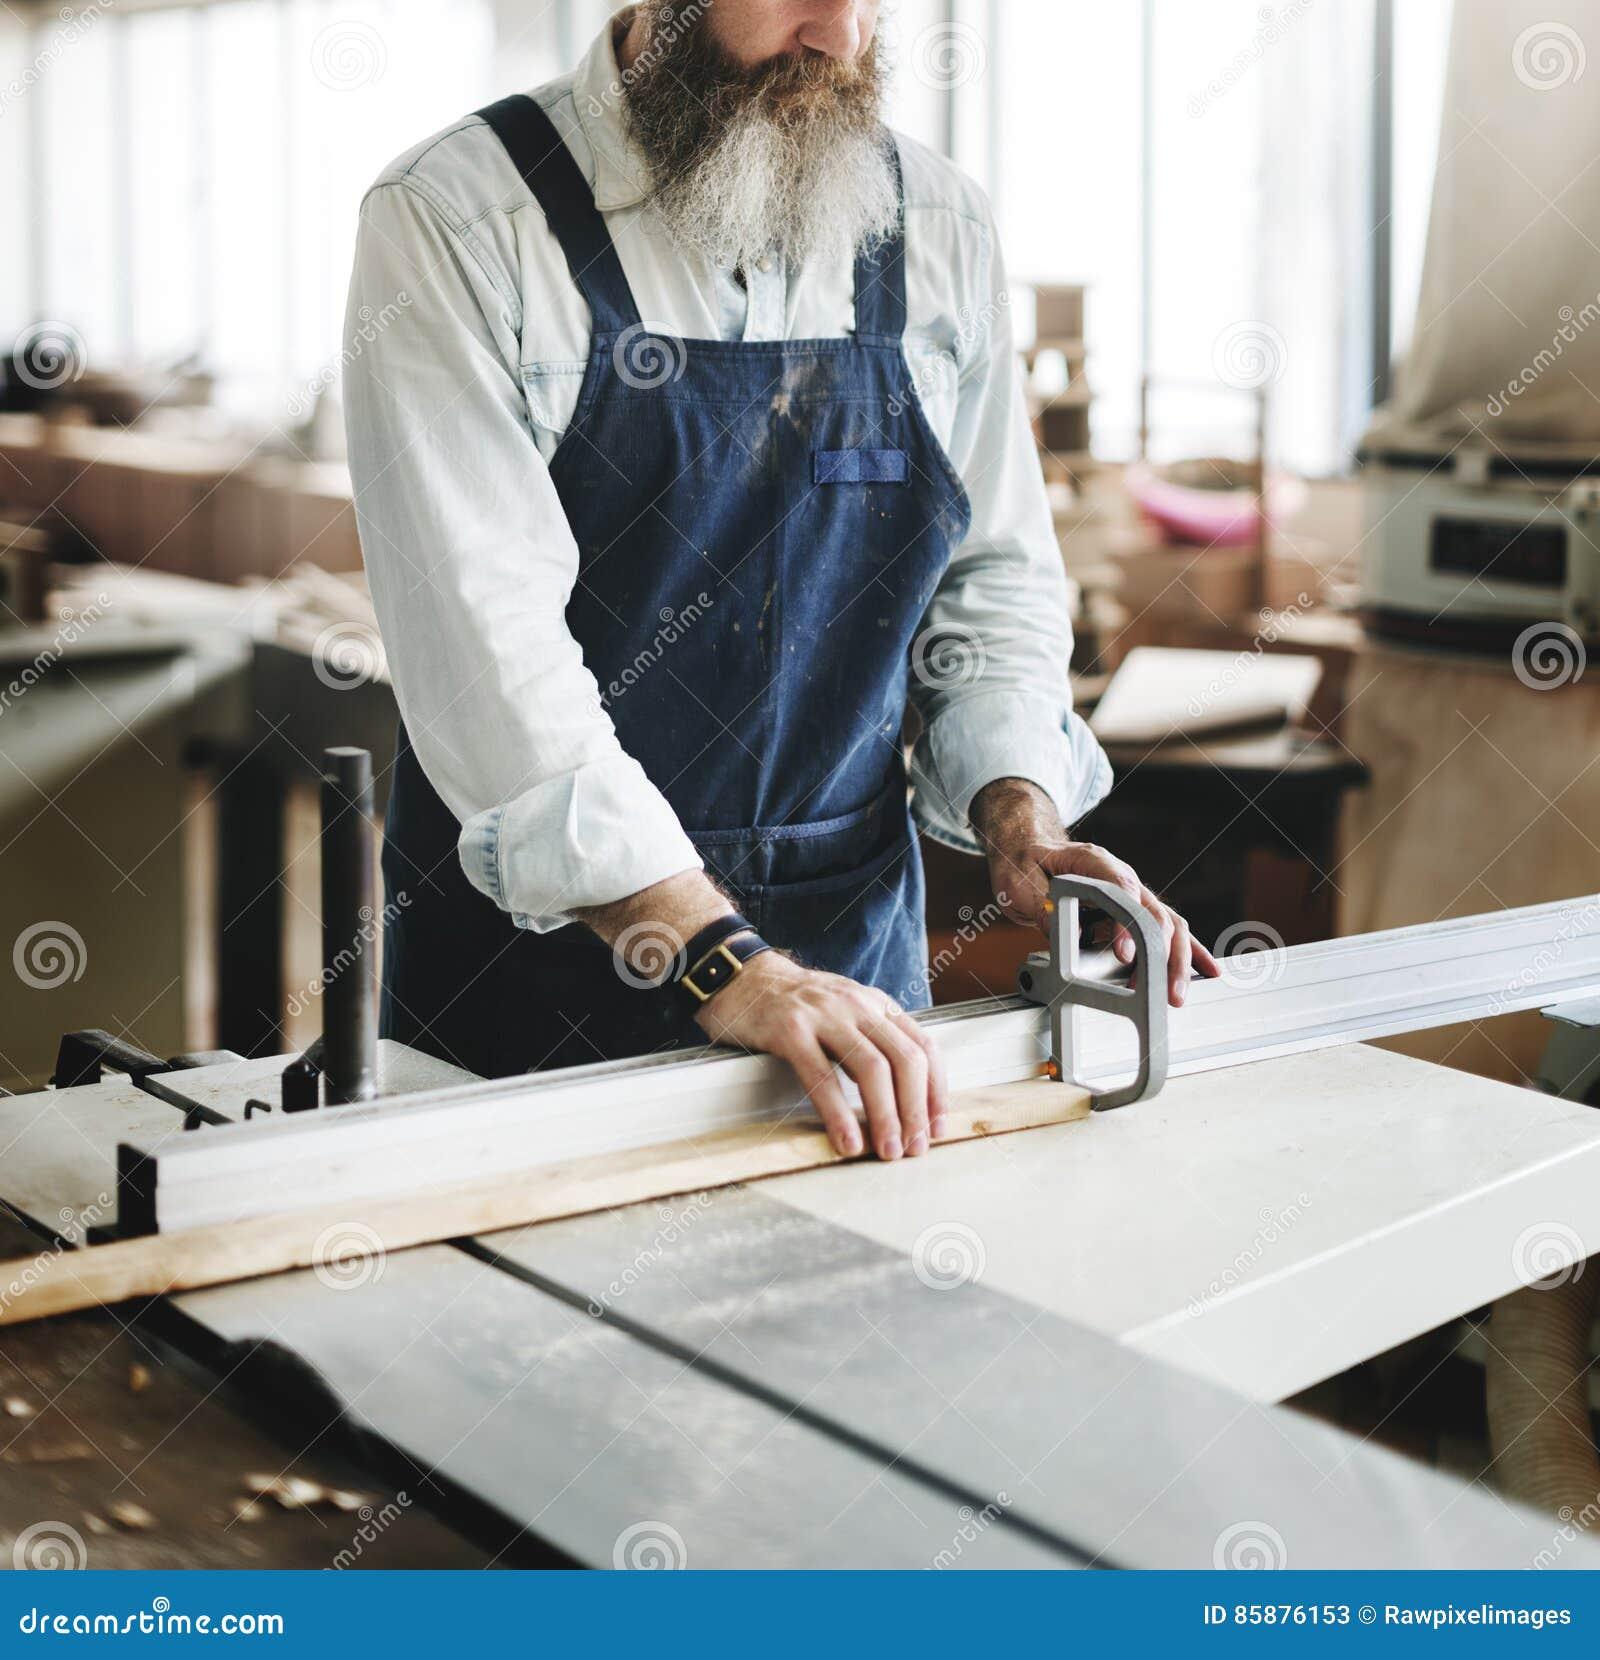 Tischler-Handwerker-Handicraft Wooden Workshop-Konzept